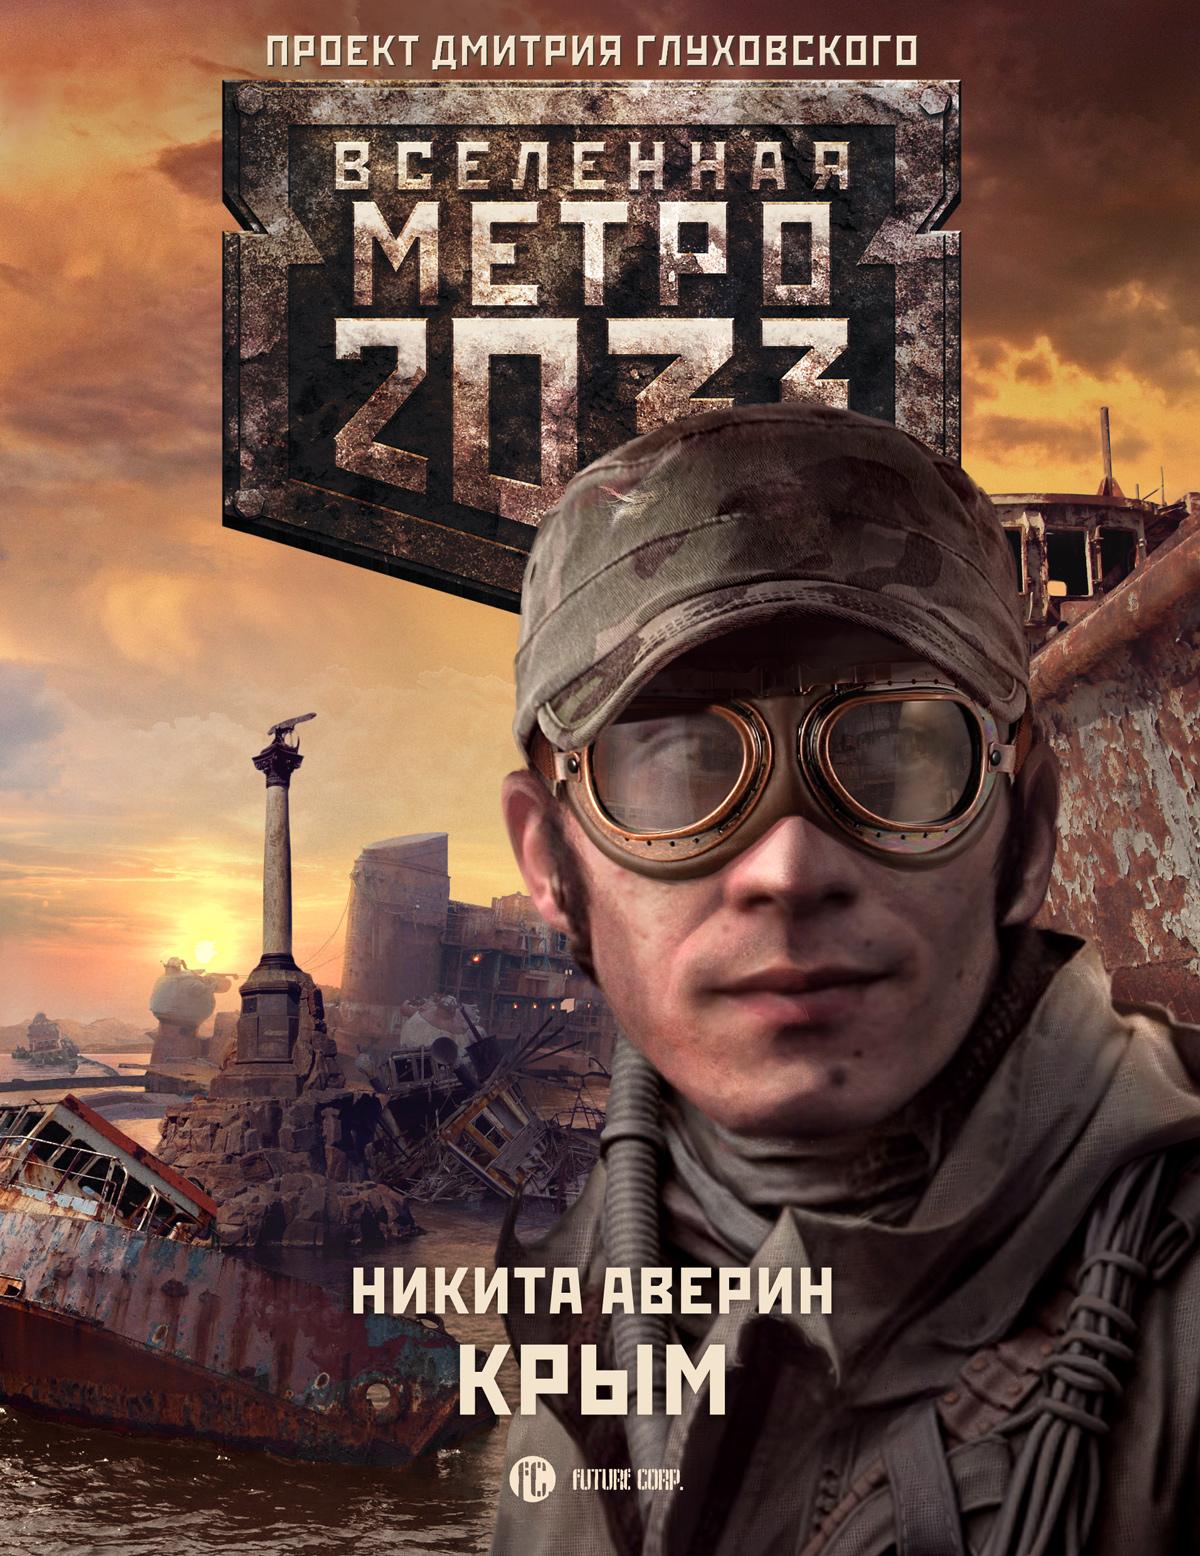 МЕТРО 2033 КРЫМ СКАЧАТЬ БЕСПЛАТНО